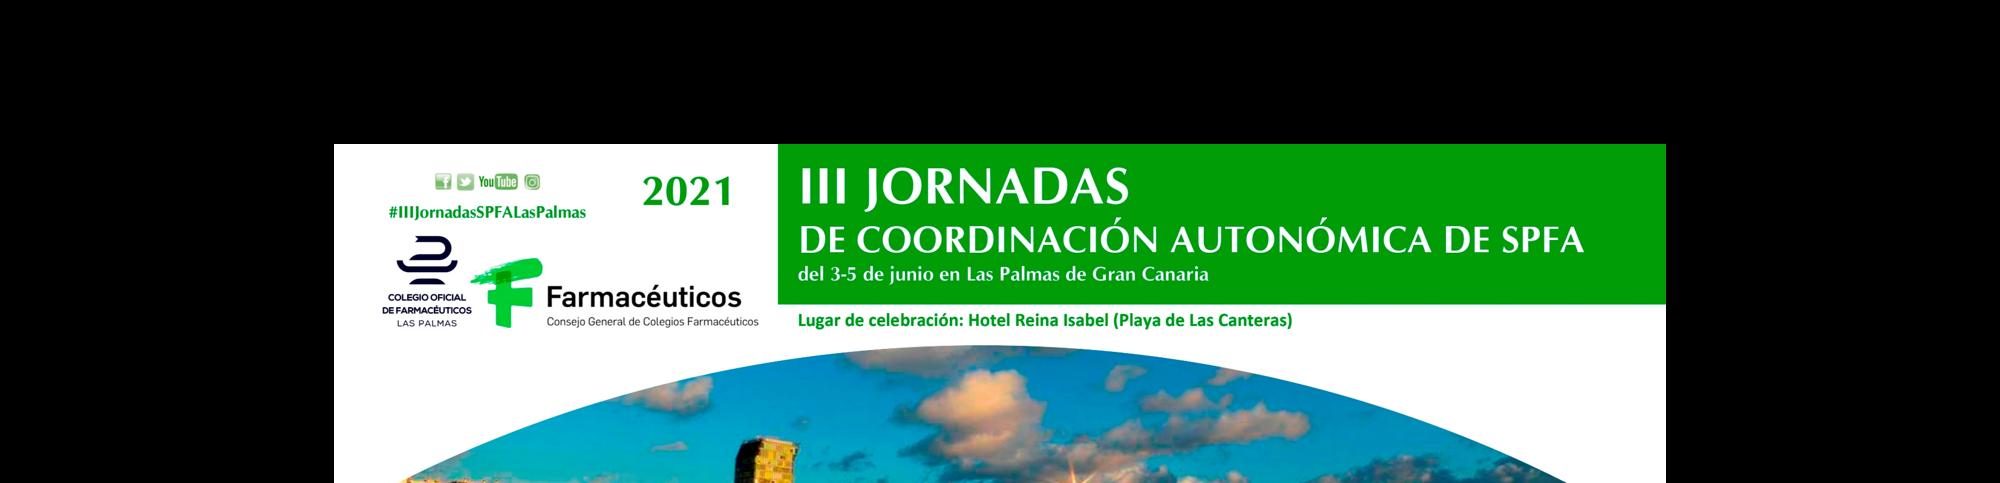 III Jornadas de coordinación autonómica de SPFA